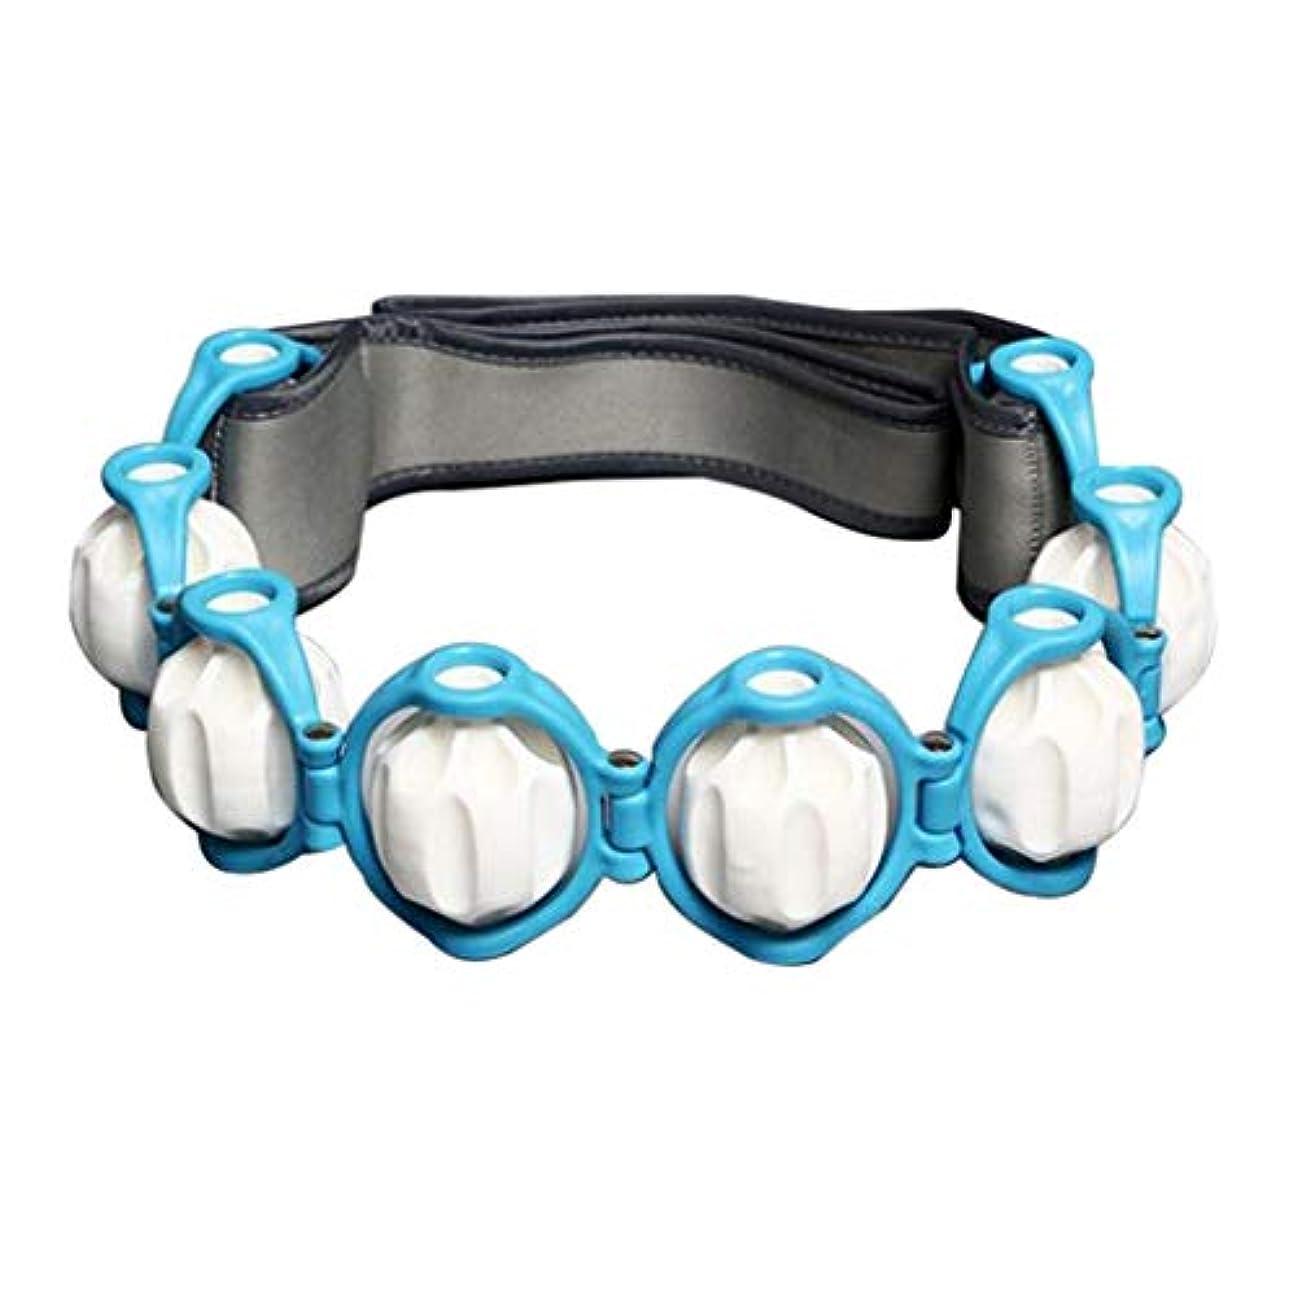 製造業死んでいる言い直すHellery フルボディ - 多機能 - 痛みを軽減するためのハンドヘルドマッサージローラーロープ - 青, 説明したように